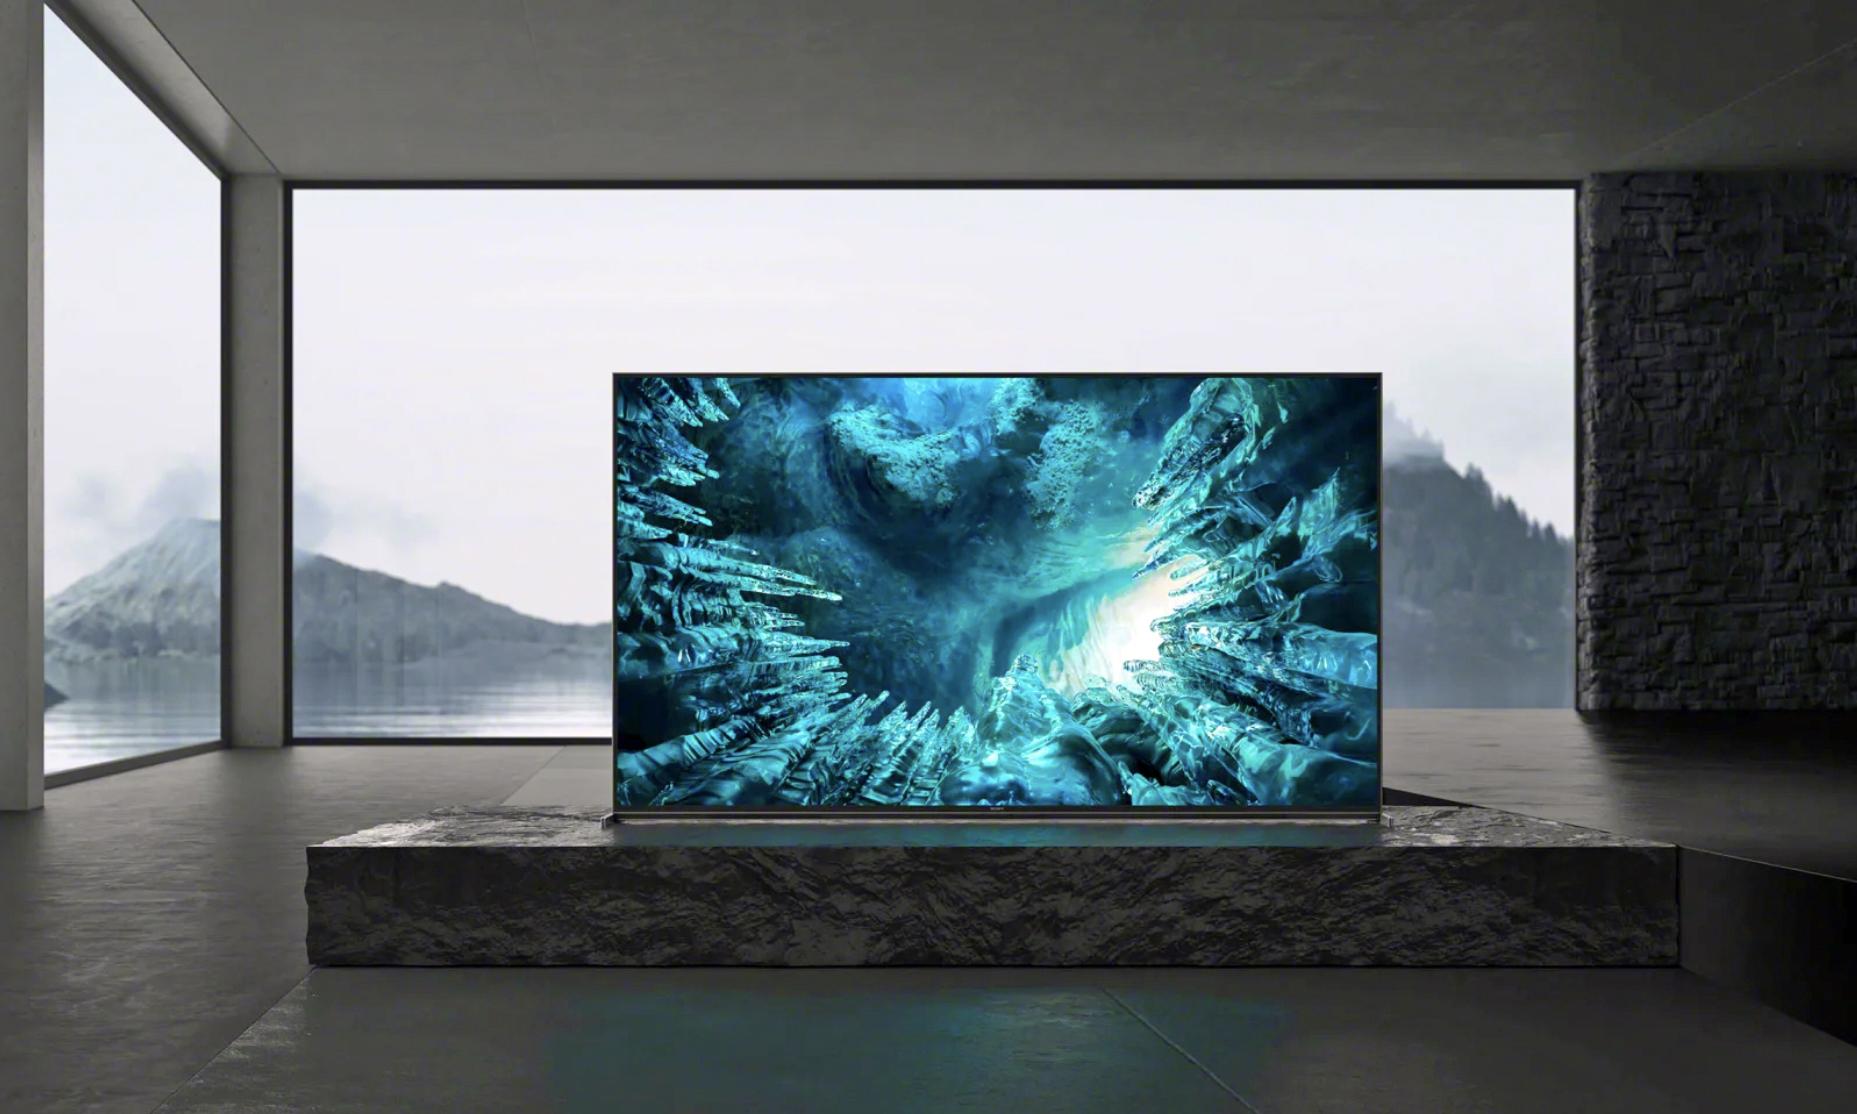 哪几款电视最适合 PS5?索尼公布「Ready for PS5」电视机型阵容